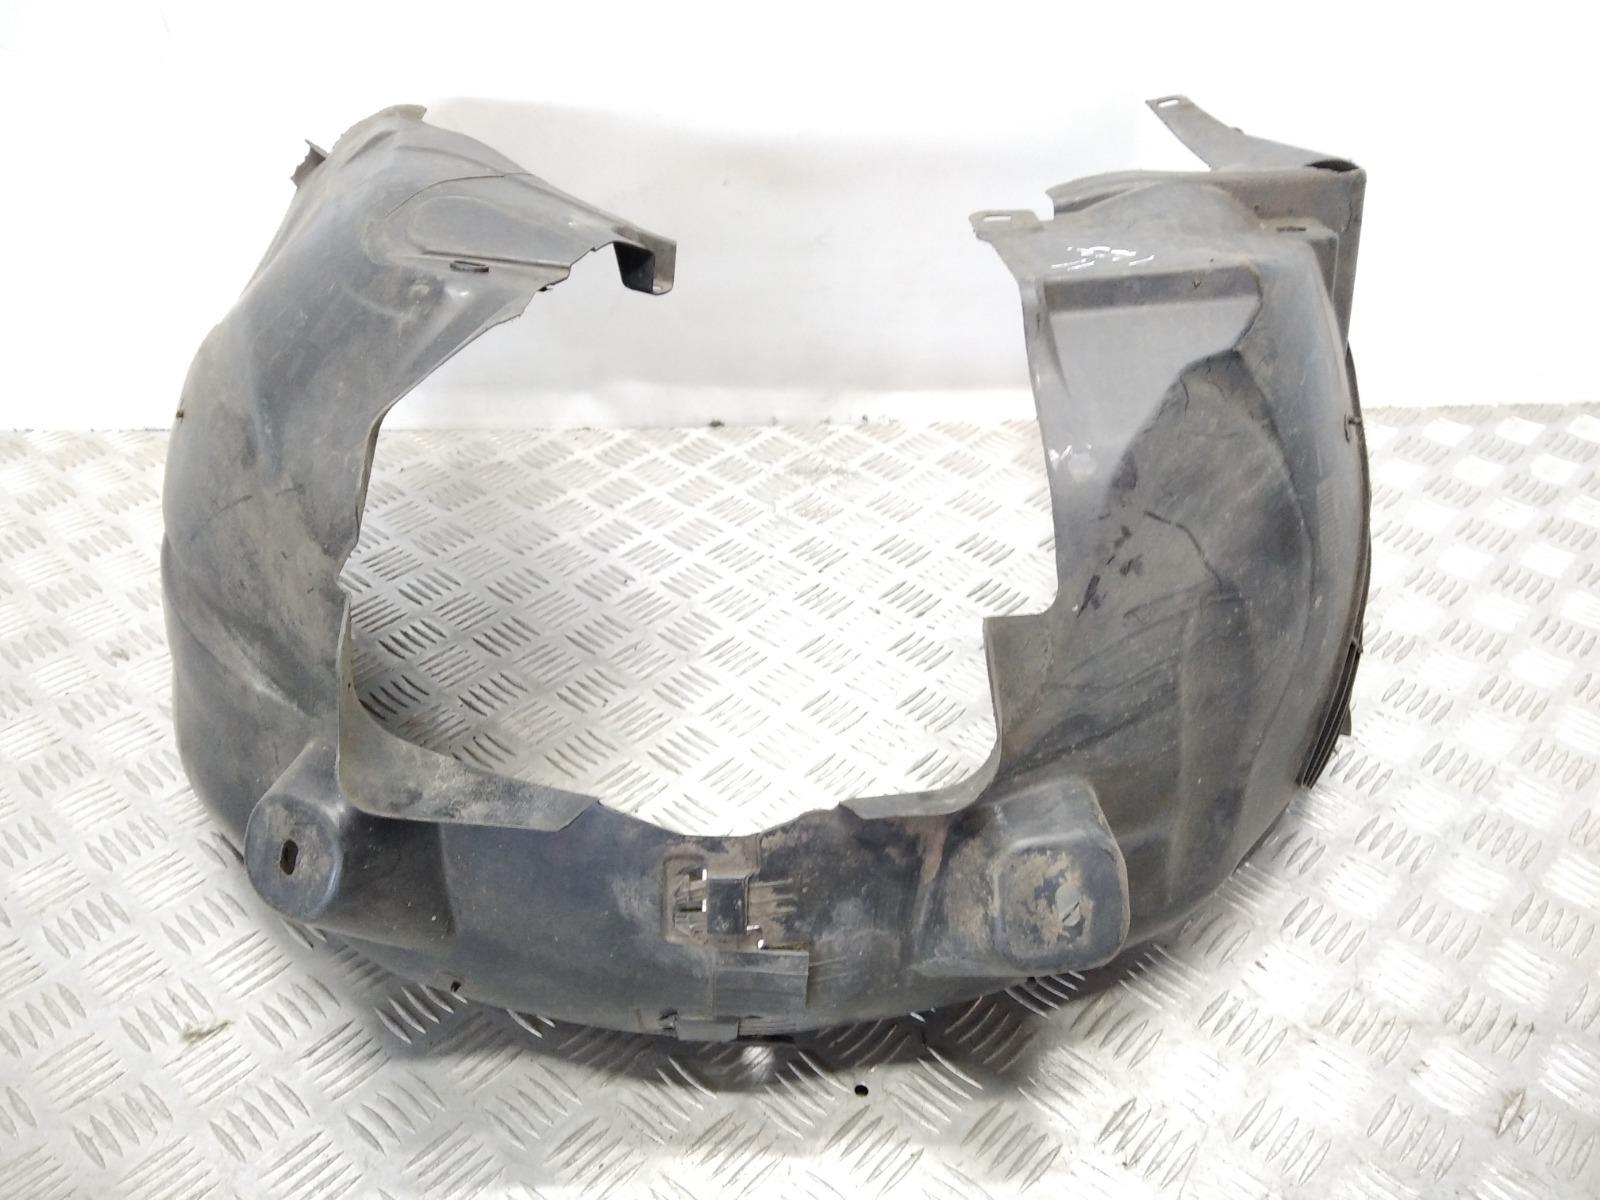 Защита арок передняя правая (подкрылок) Opel Corsa D 1.2 I 2008 (б/у)